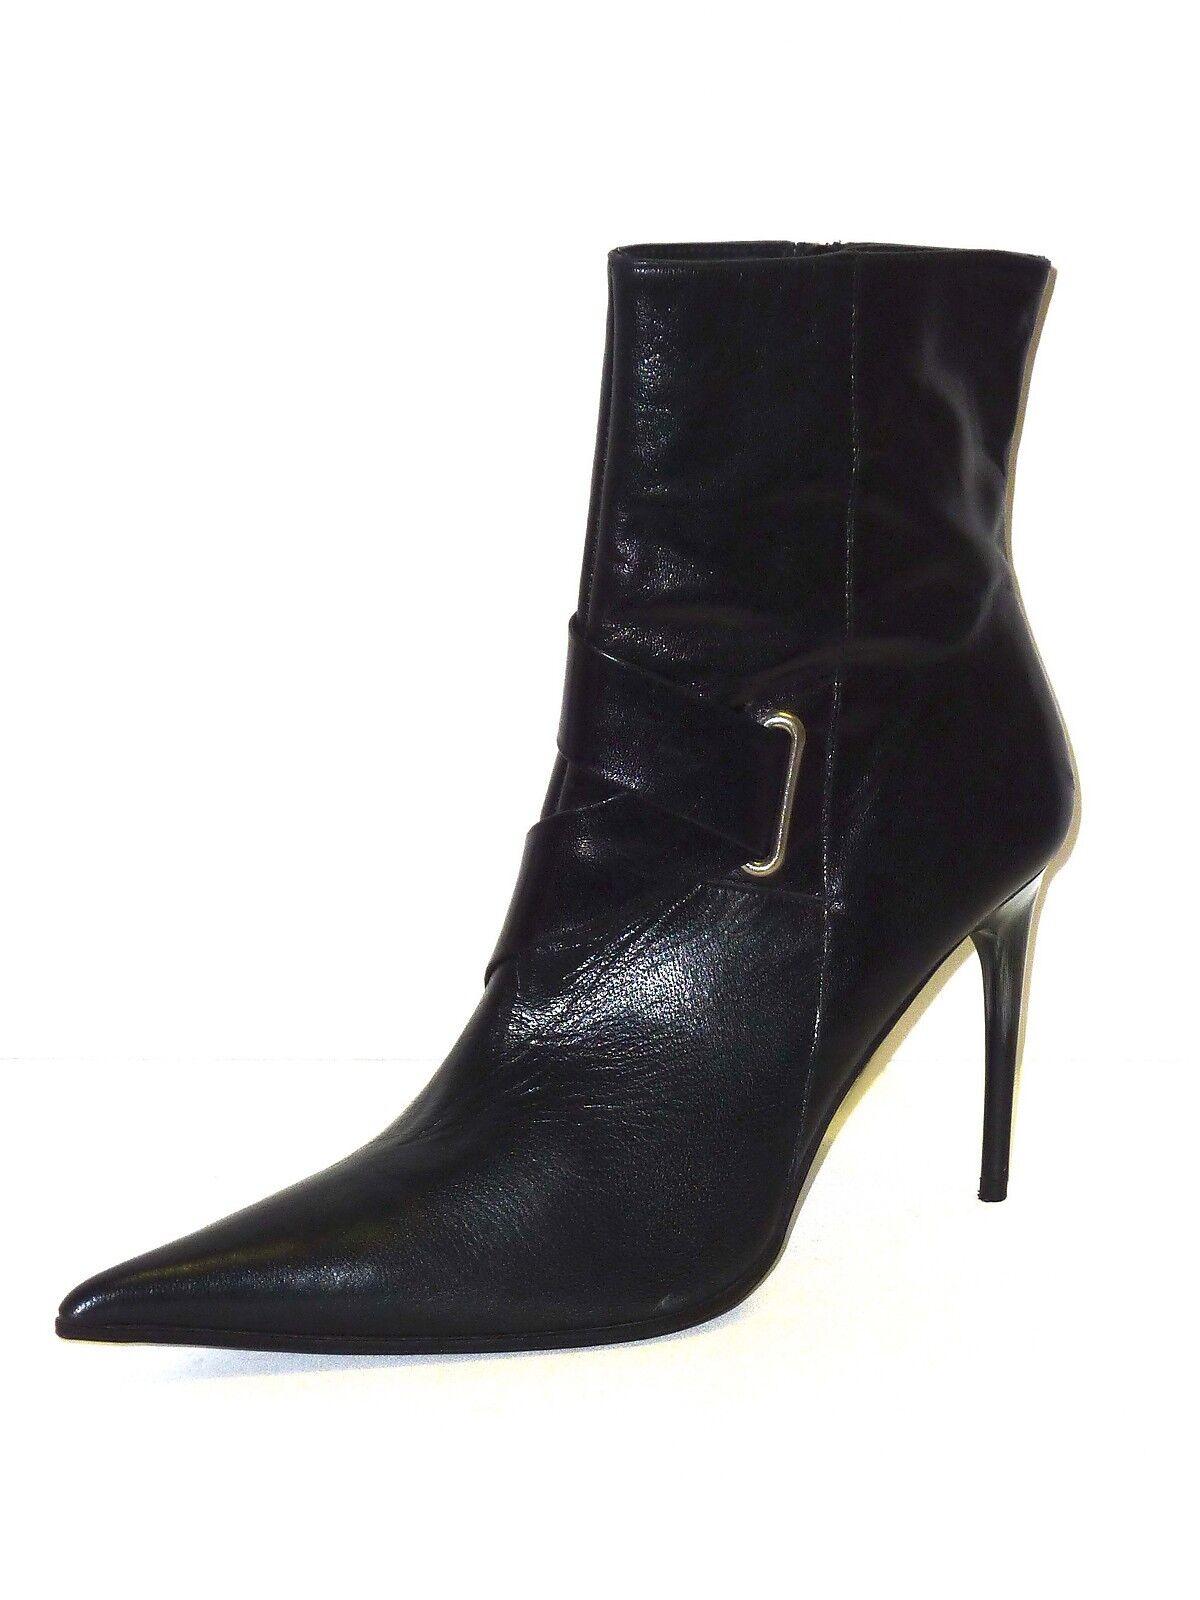 Zapatos especiales con descuento STIVALI DONNA SCARPE TRONCHETTI IN PELLE NERO STIVALETTI TACCHI ALTI 40